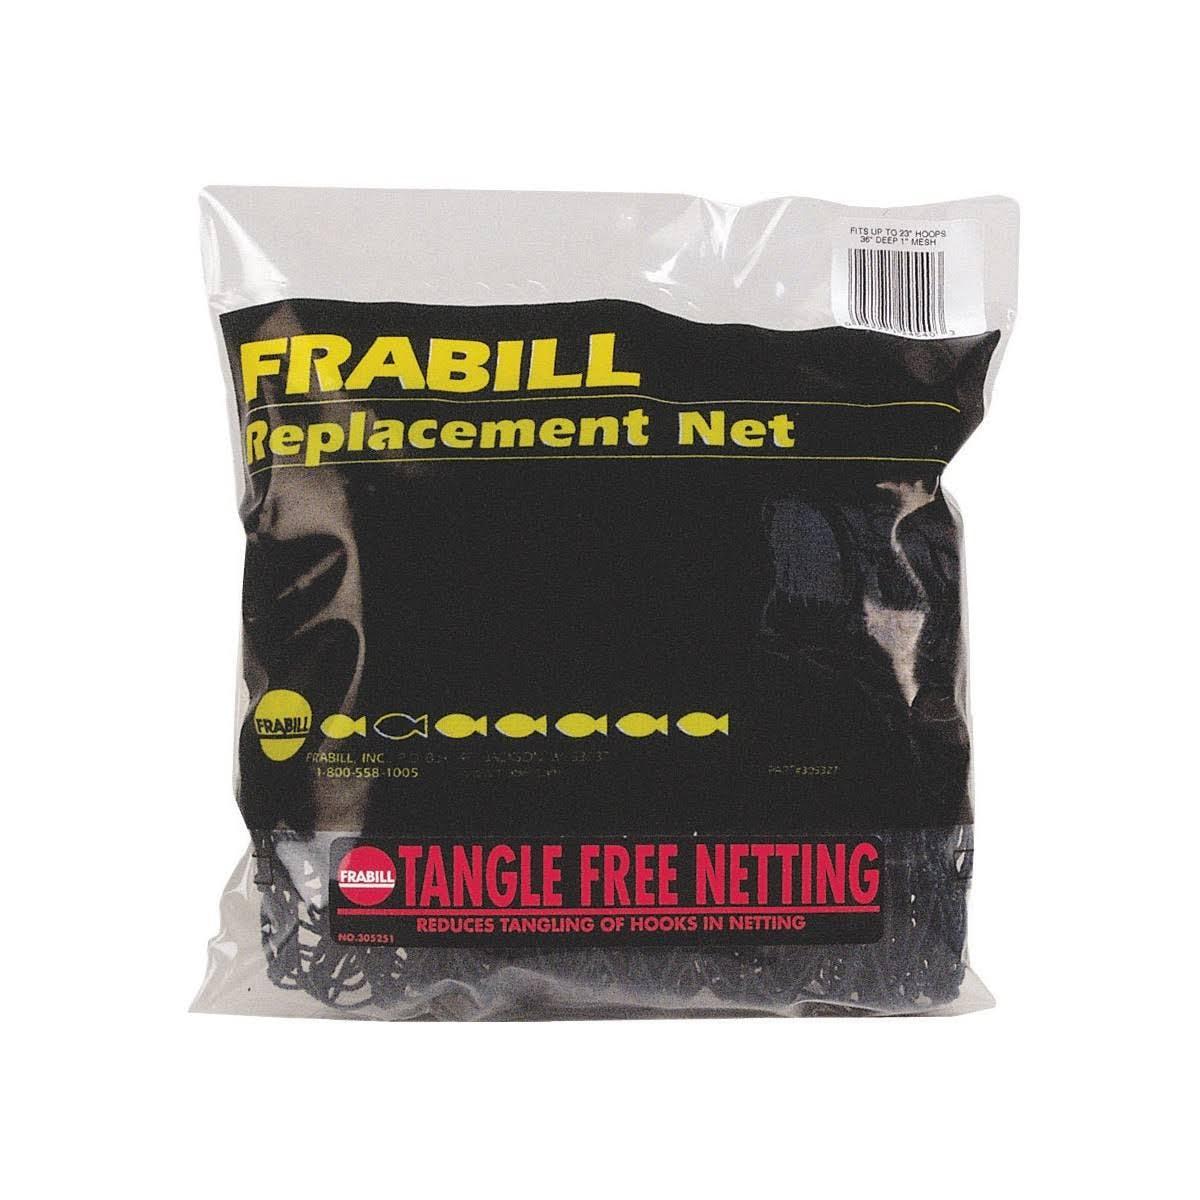 Frabill Replacement Net